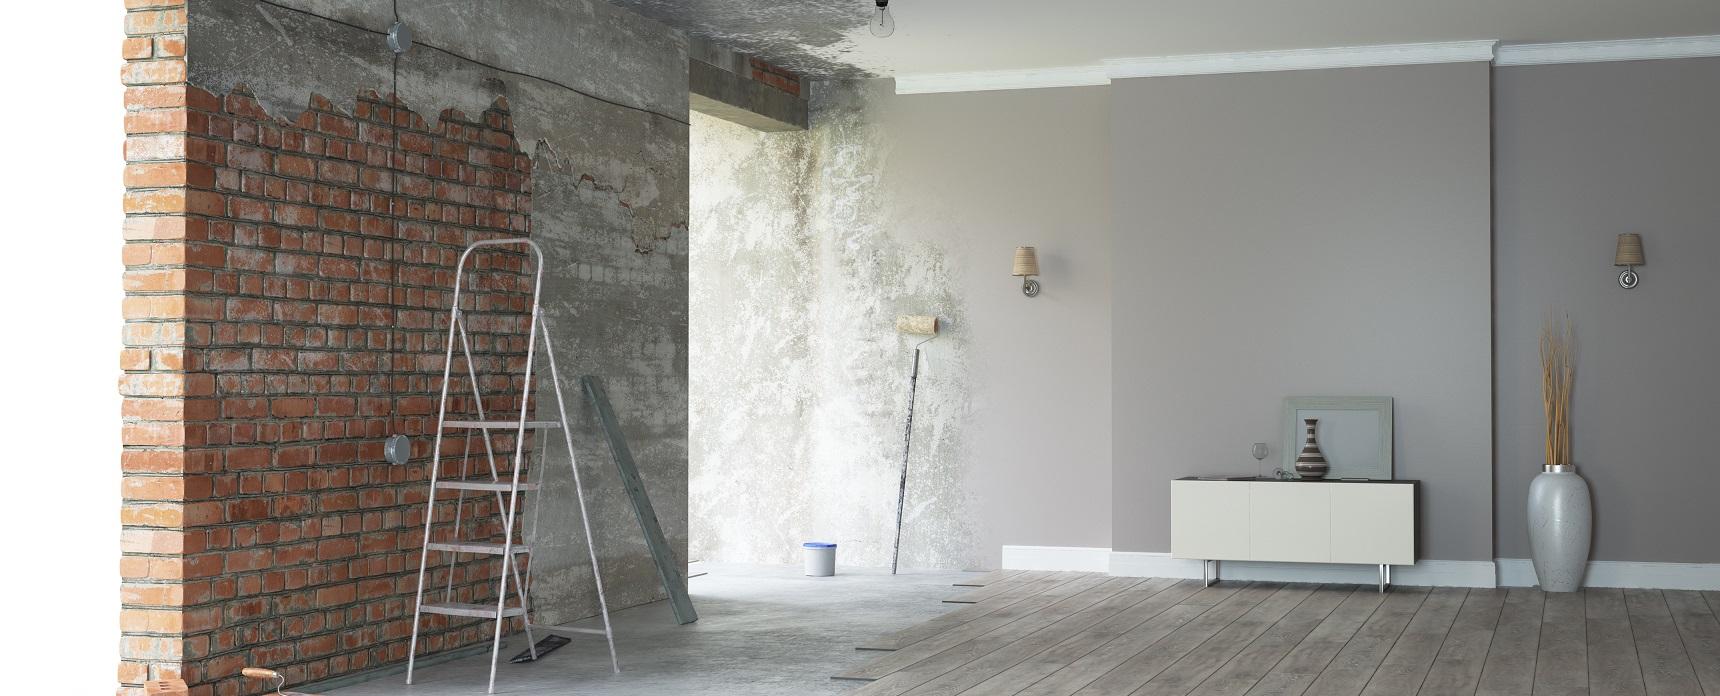 Las remodelaciones en una construcción